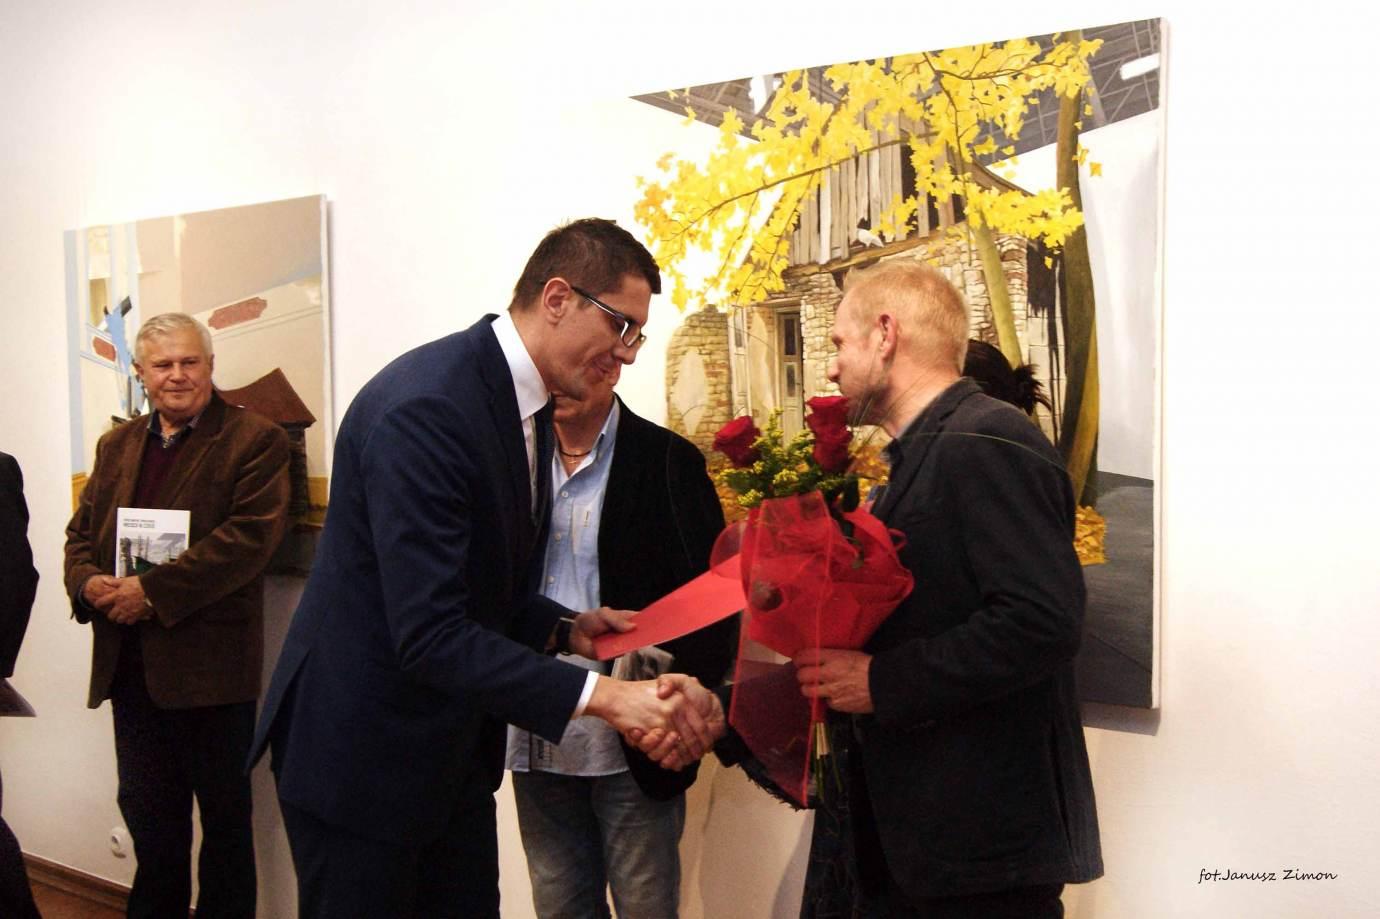 piotr tymochowicz bwa galeria zamojska fot janusz zimon 9 Zamość: Wernisaż wystawy Piotra Tymochowicza